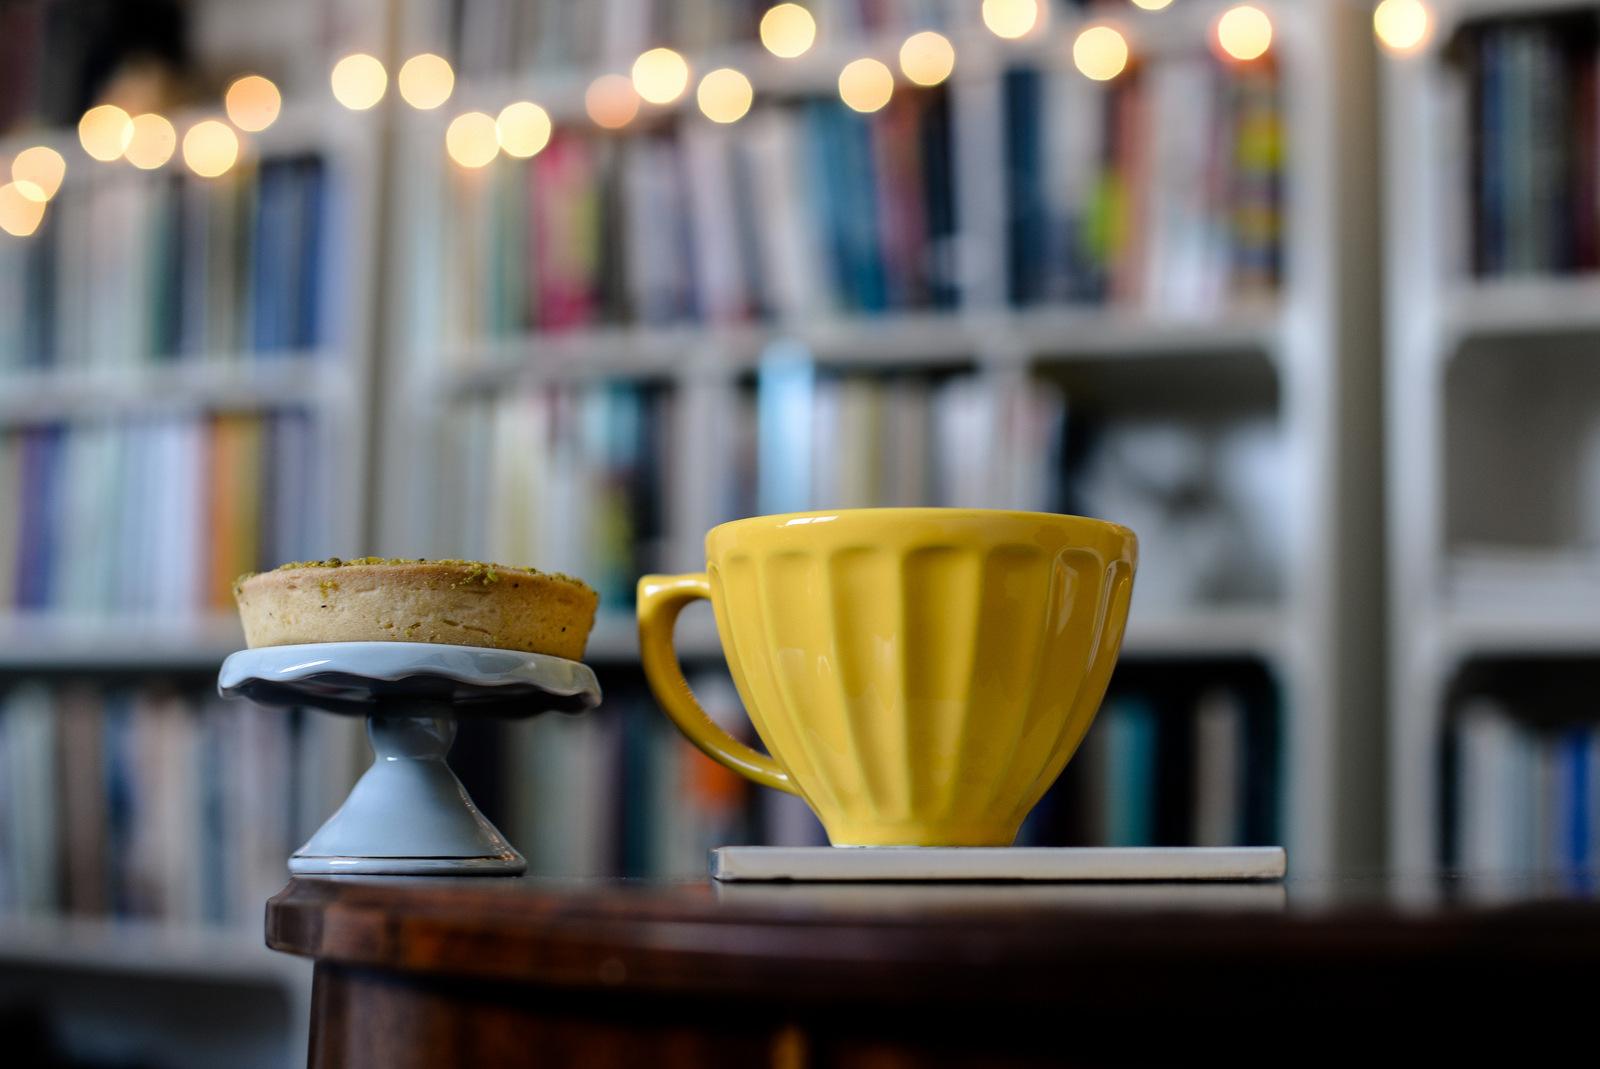 yellow mug with books